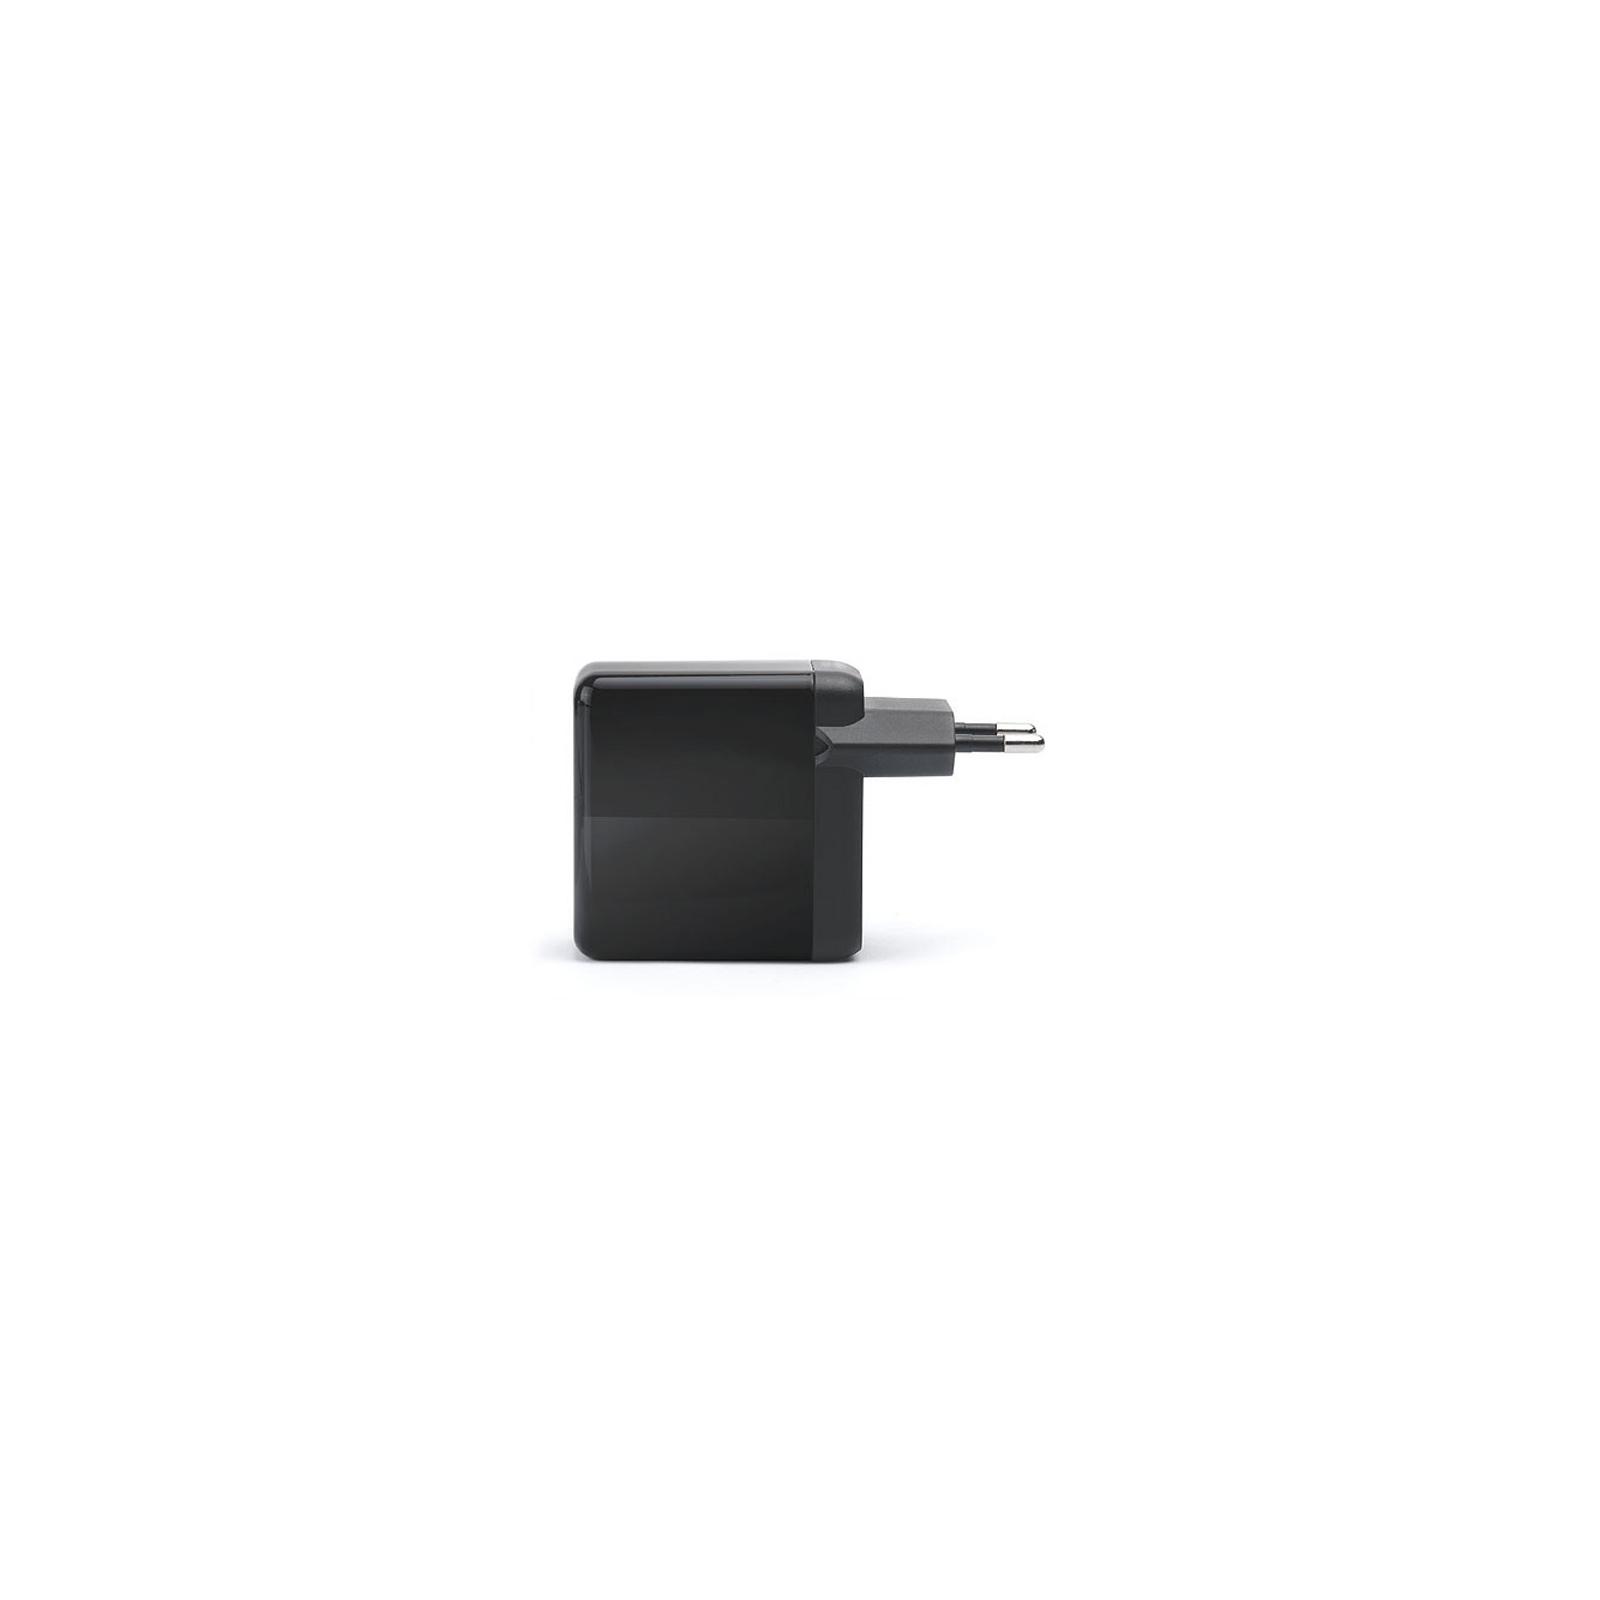 Зарядний пристрій REAL-EL CH-350 black (EL123160017) зображення 5